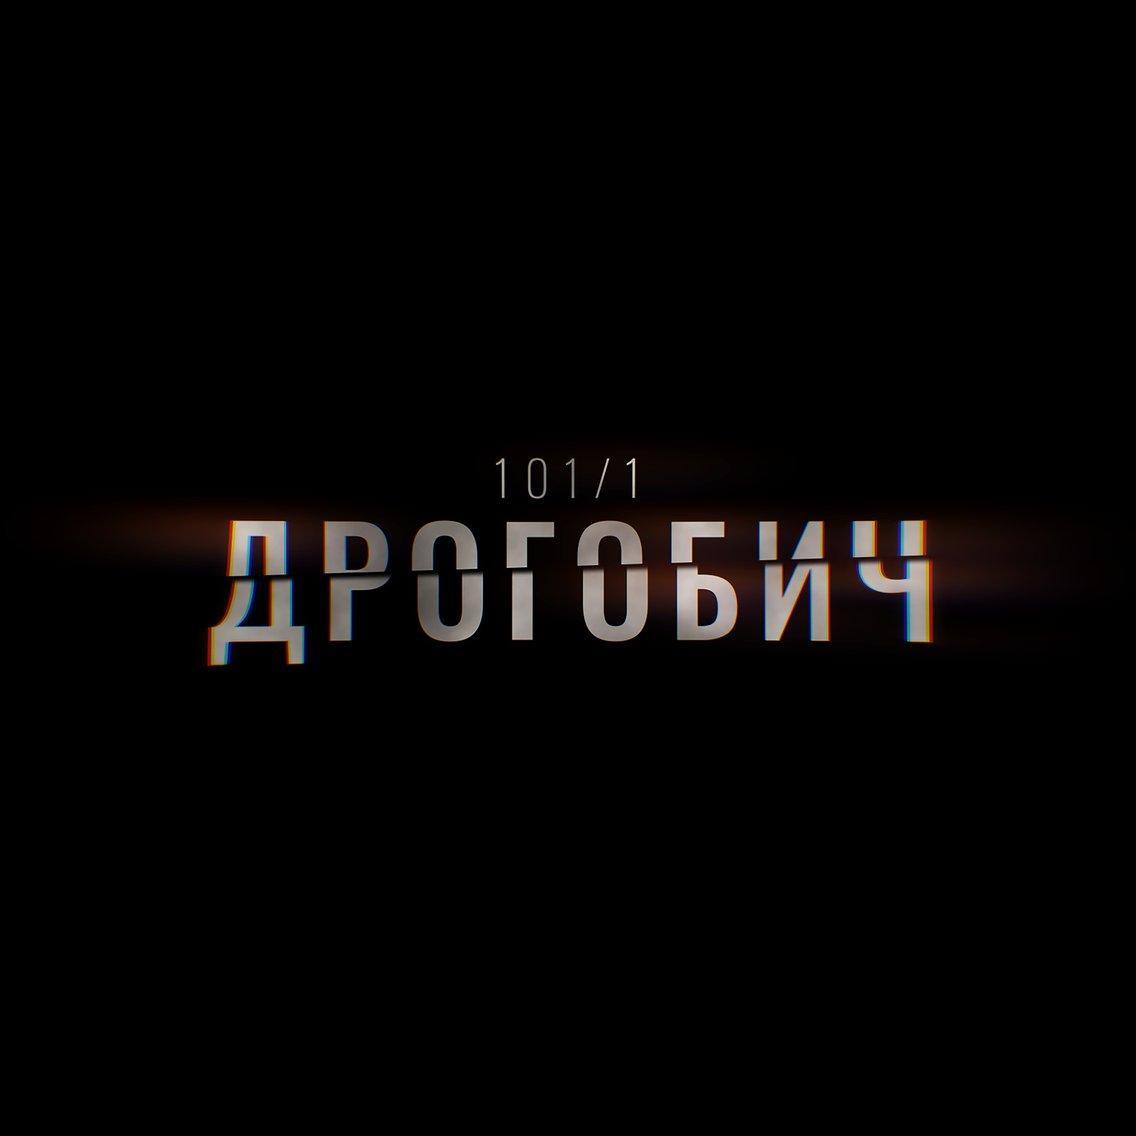 Дрогобич 101/1. Подкаст - Cover Image